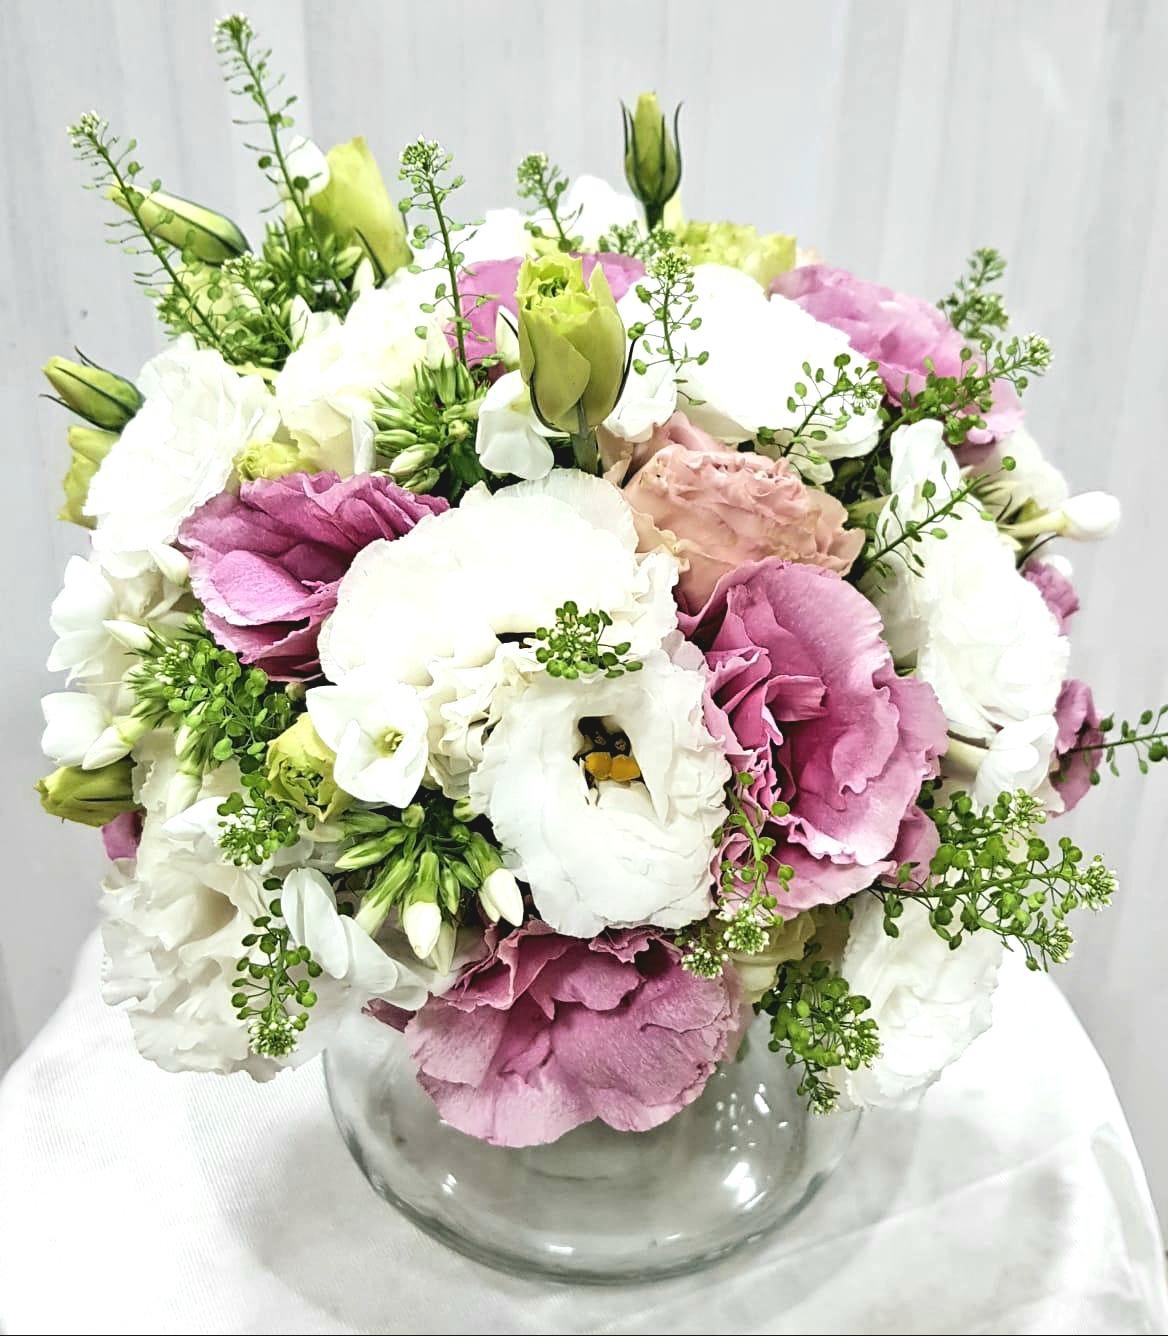 זר ליזי ורוד לבן בכלי - תלתן פרחים - צפת